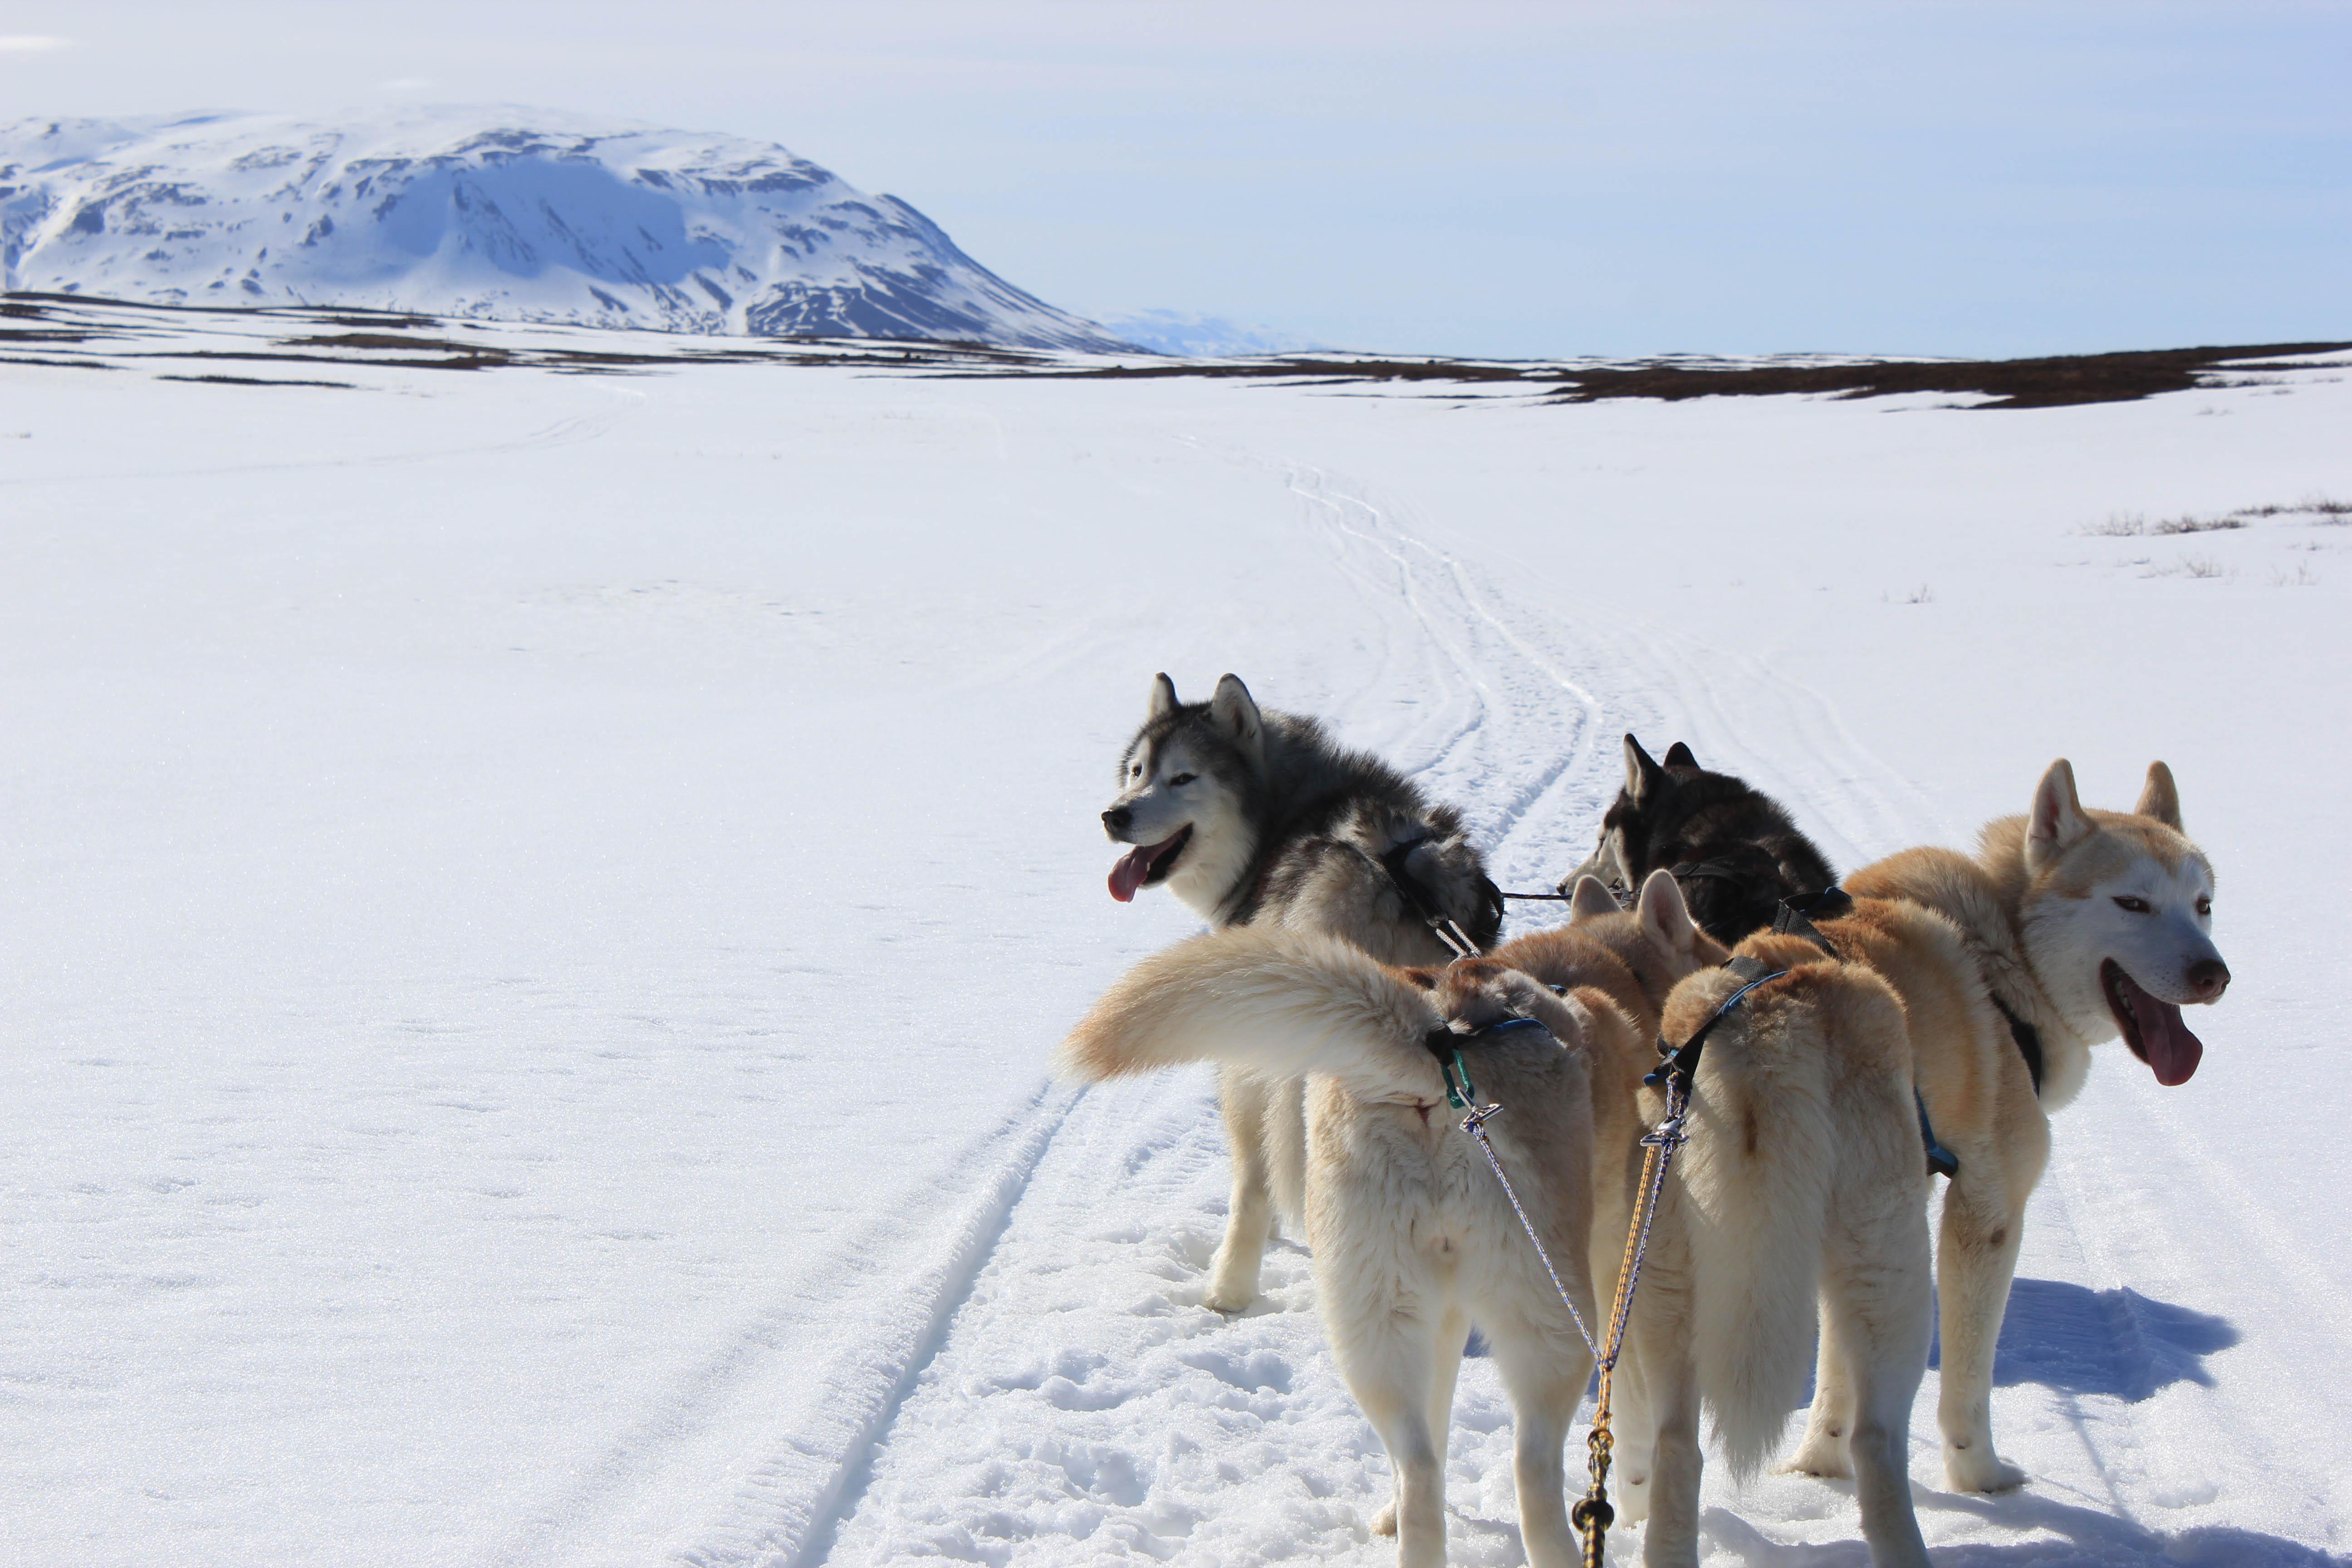 De tocht met Siberische Husky's is perfect voor liefhebbers van dieren, avontuur en spectaculaire landschappen.